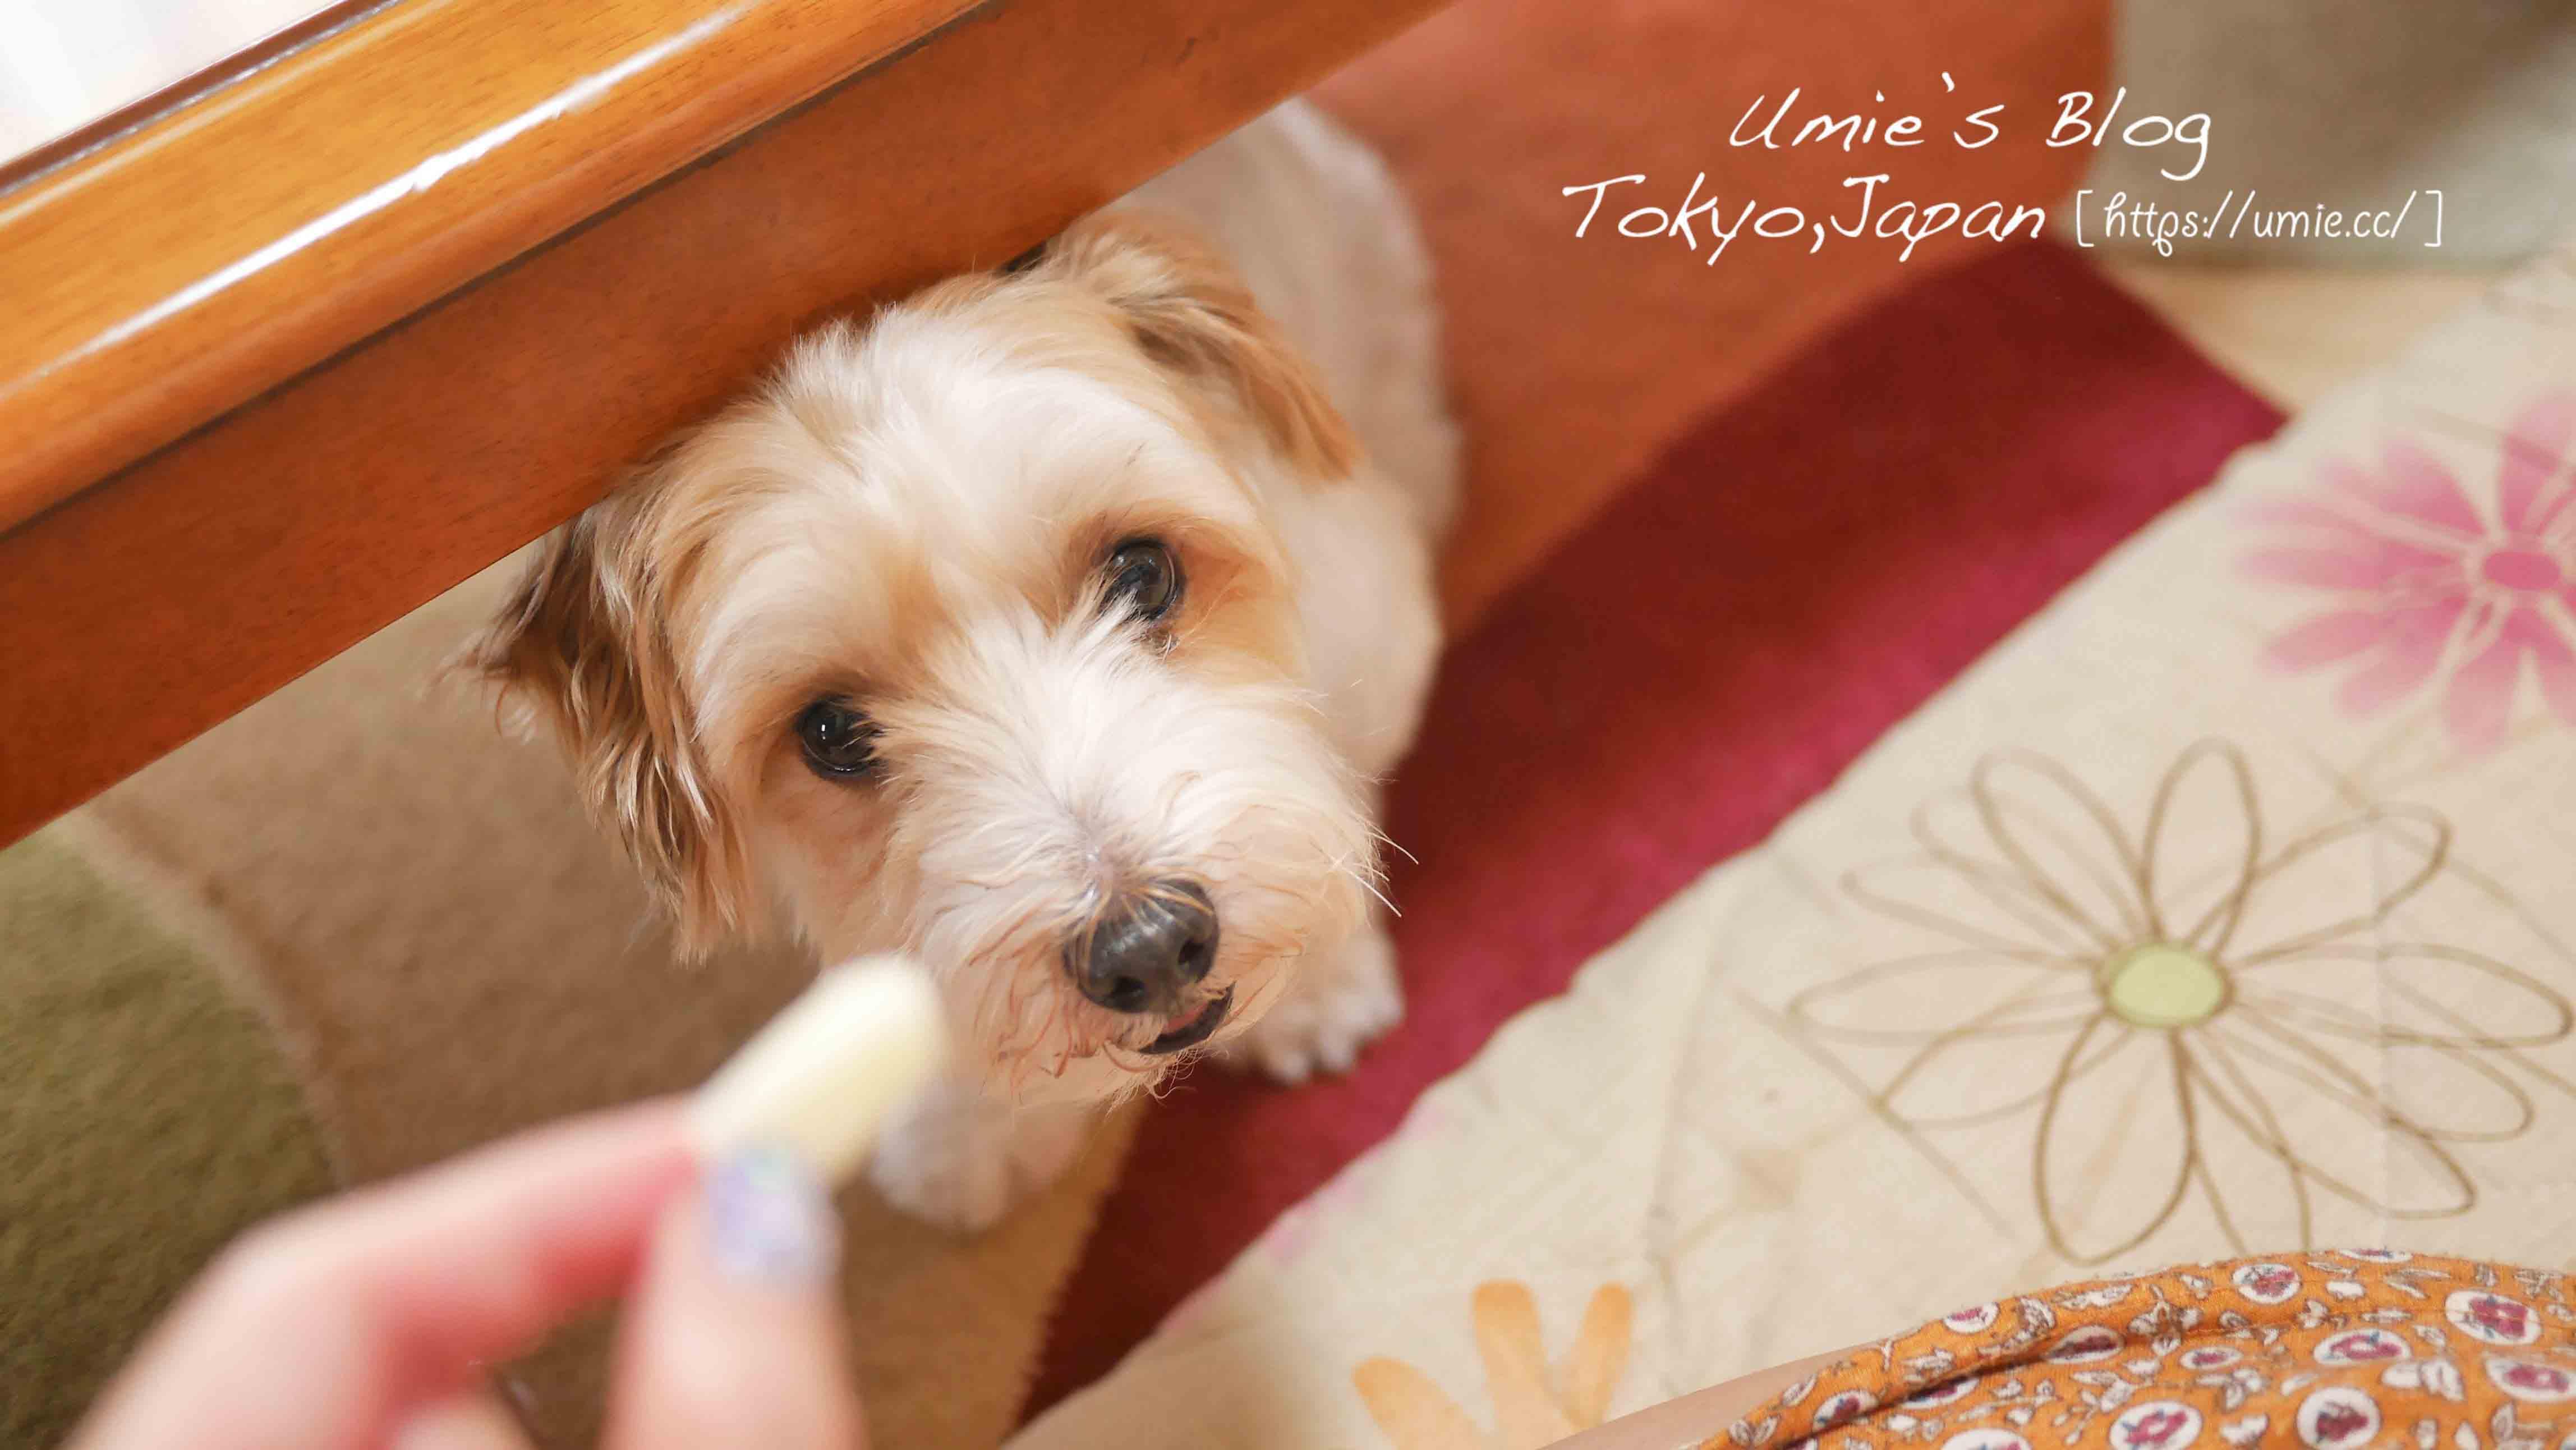 在日本,買一隻純種的狗狗要 40 萬元日幣 (約台幣 13 萬元) 養寵物前,你需要知道的 10 件事。有養狗/貓念頭的人必看!